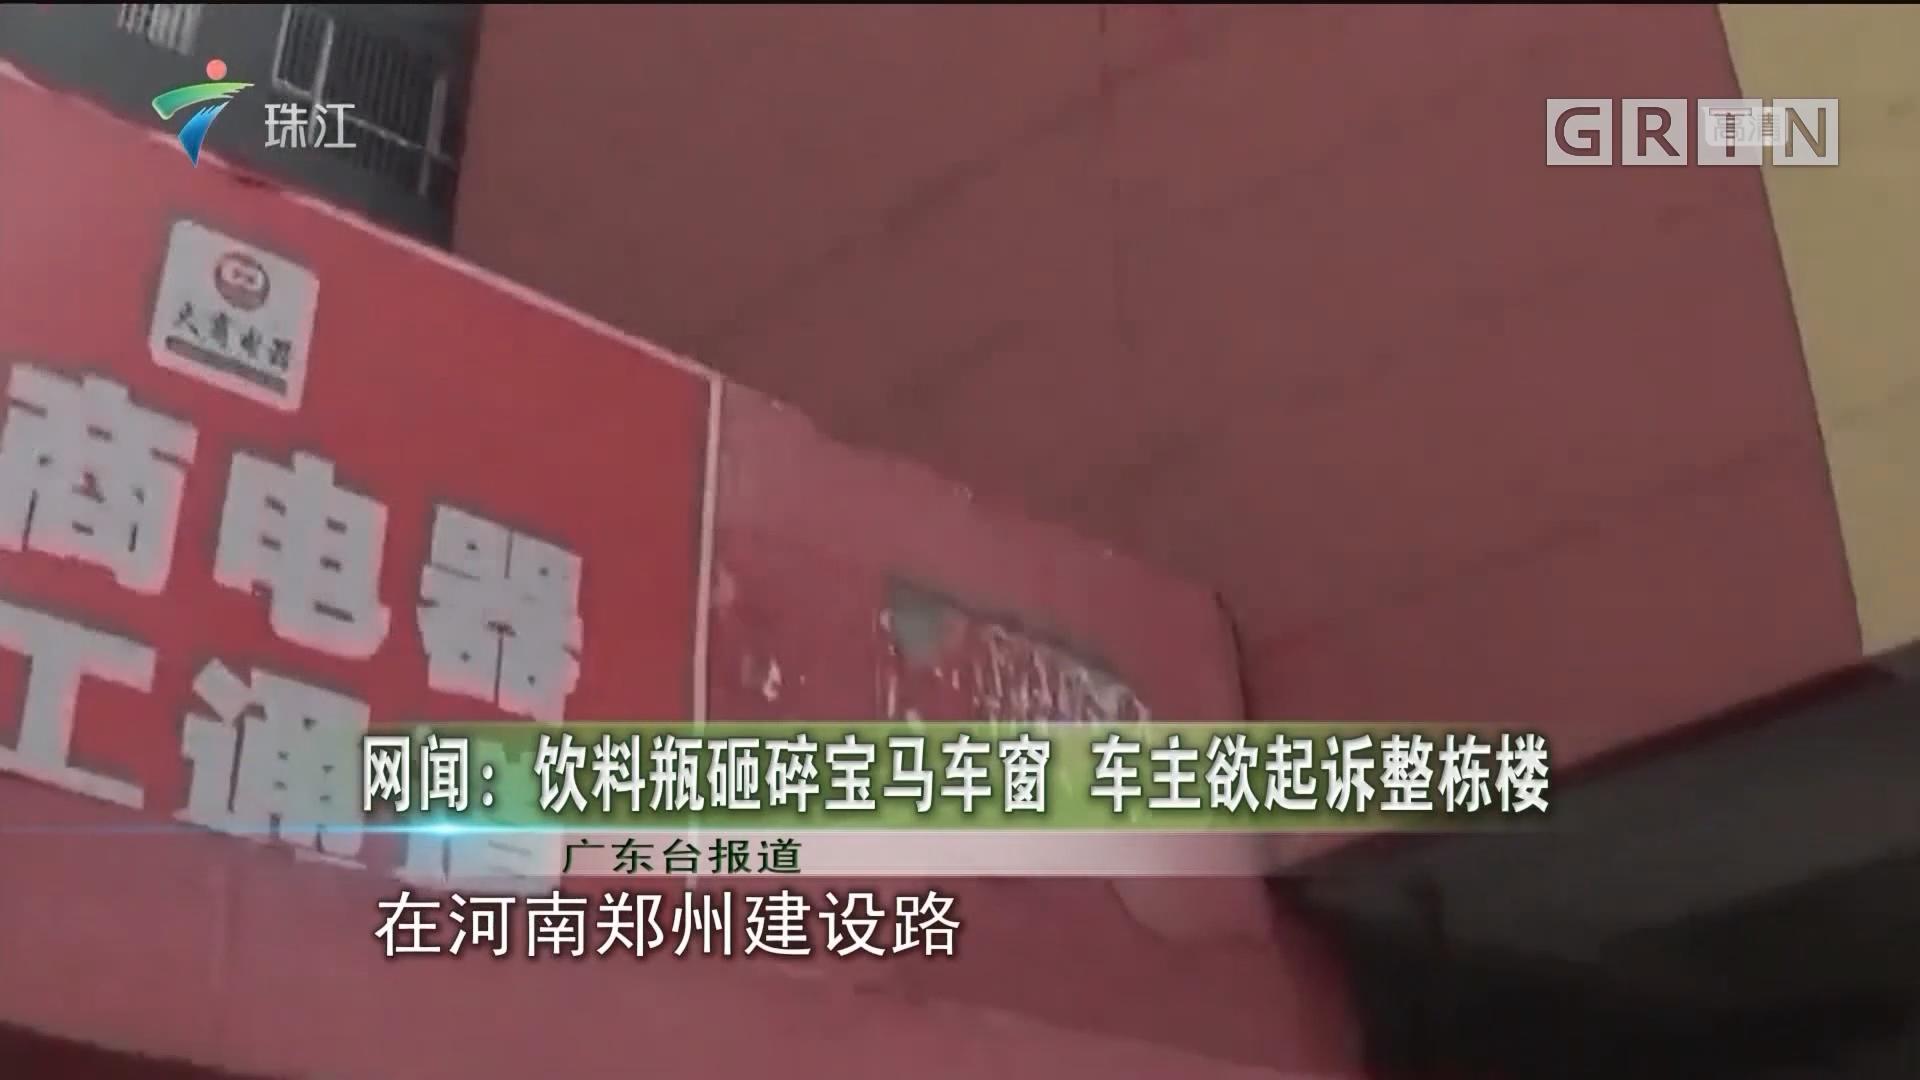 网闻:饮料瓶砸碎宝马车窗 车主欲起诉整栋楼